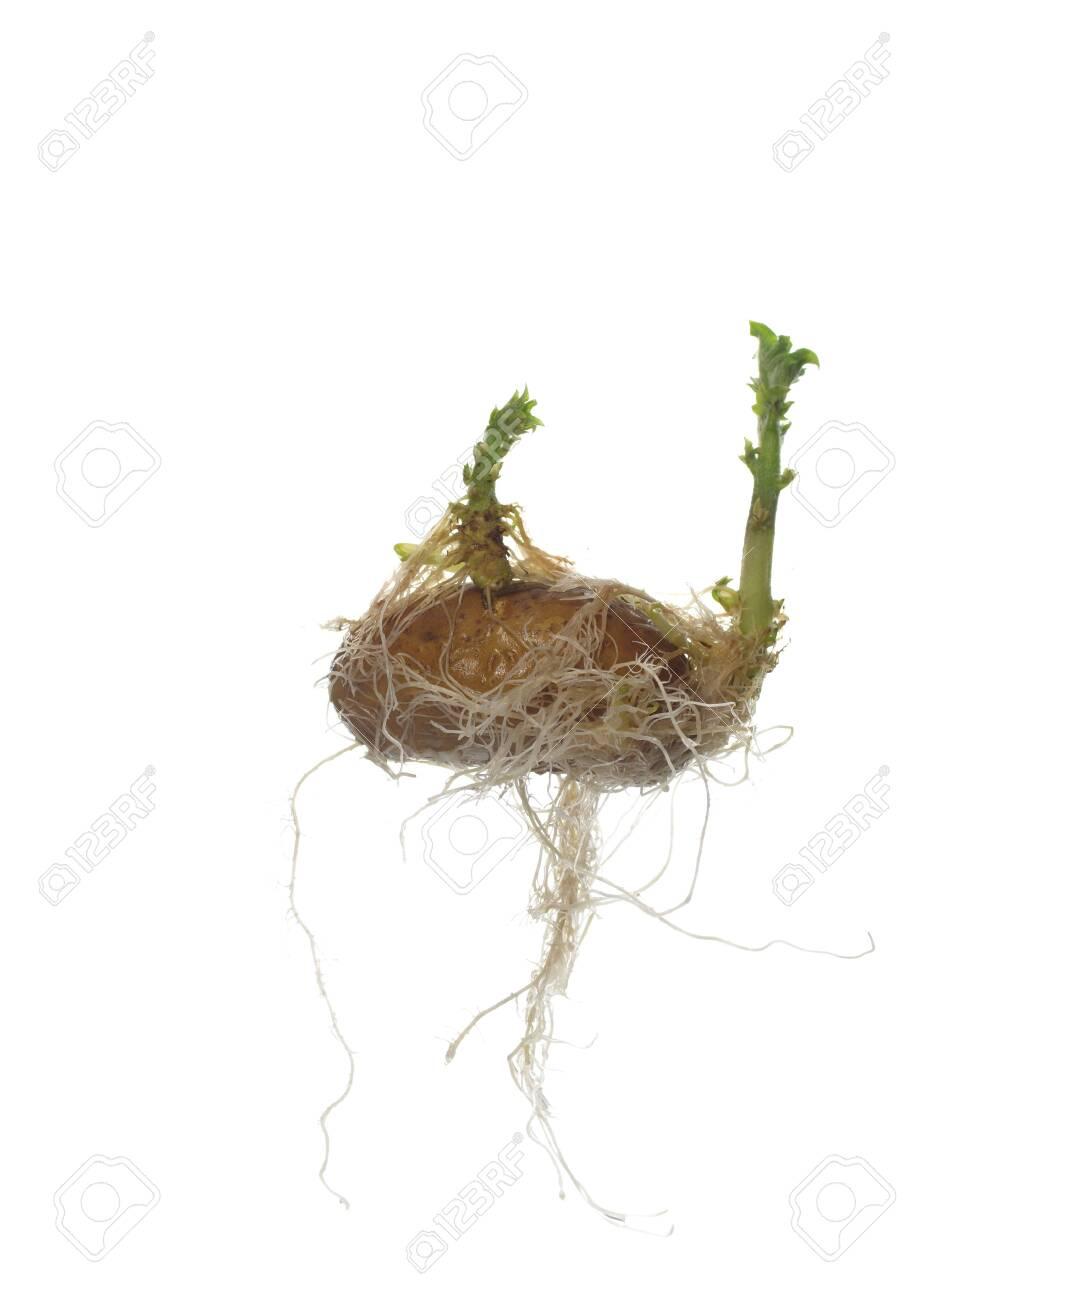 germinating potato on white background - 140085595